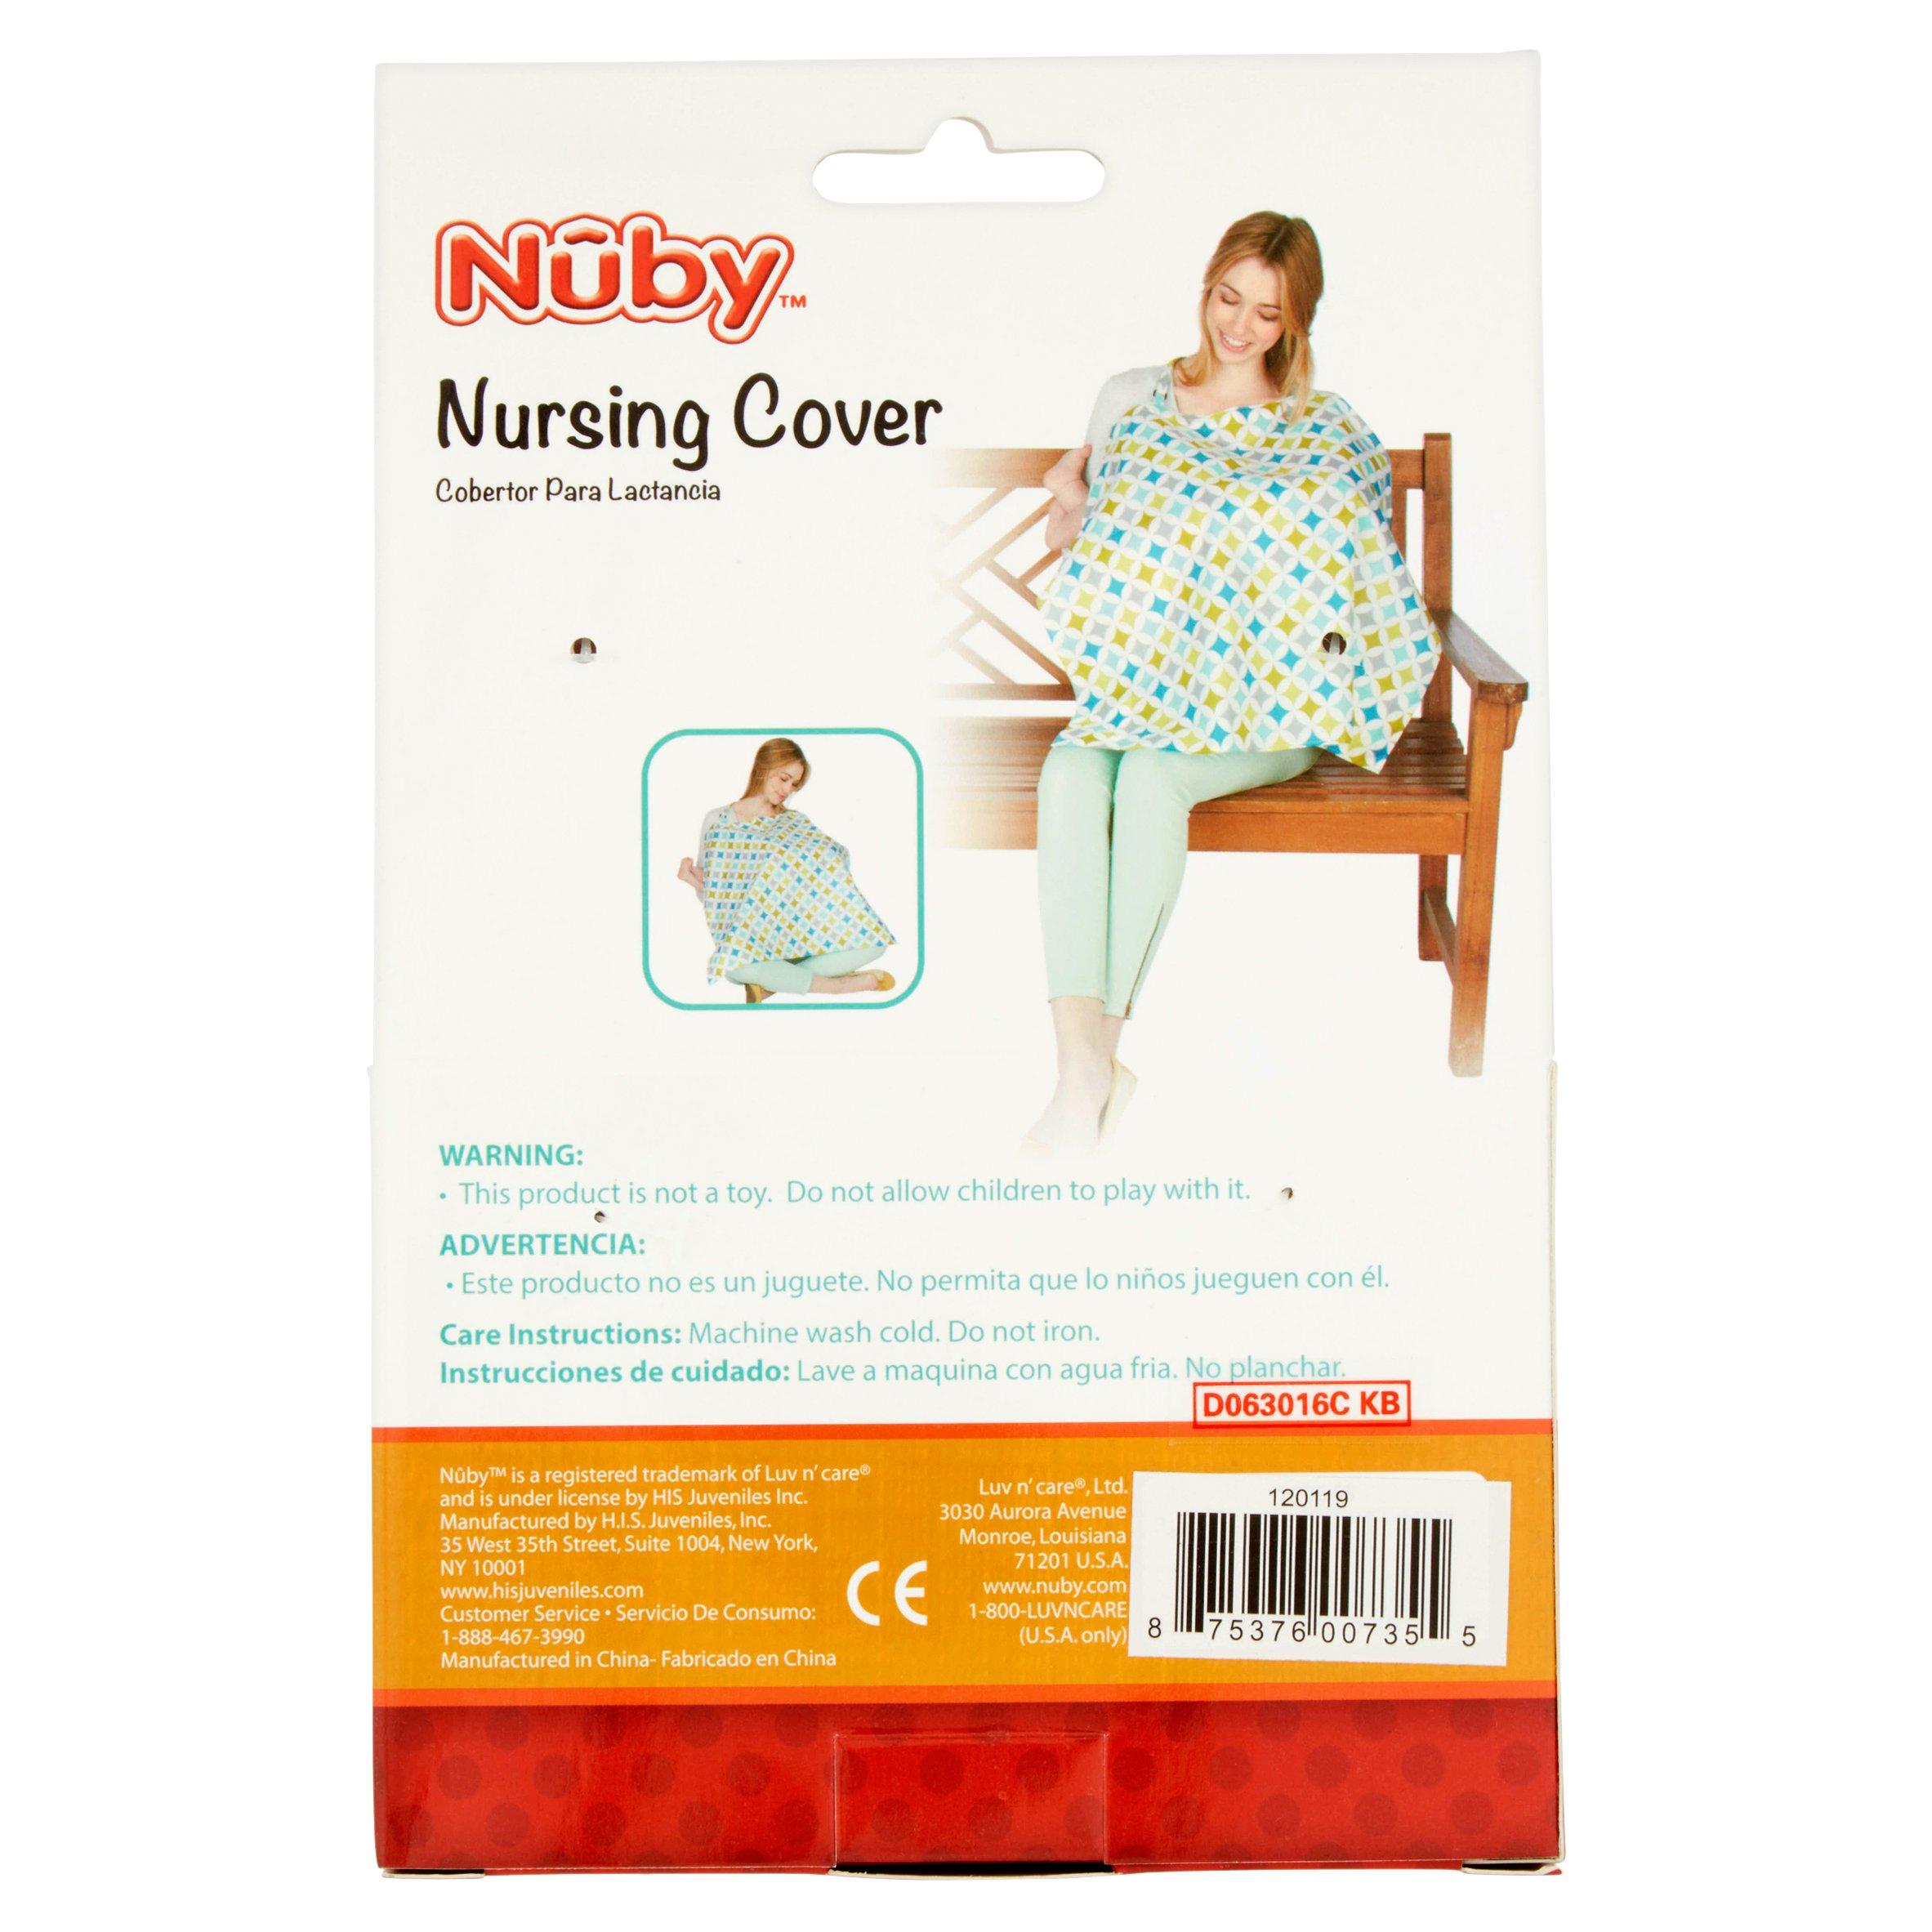 Nuby Nursing Cover - Walmart.com